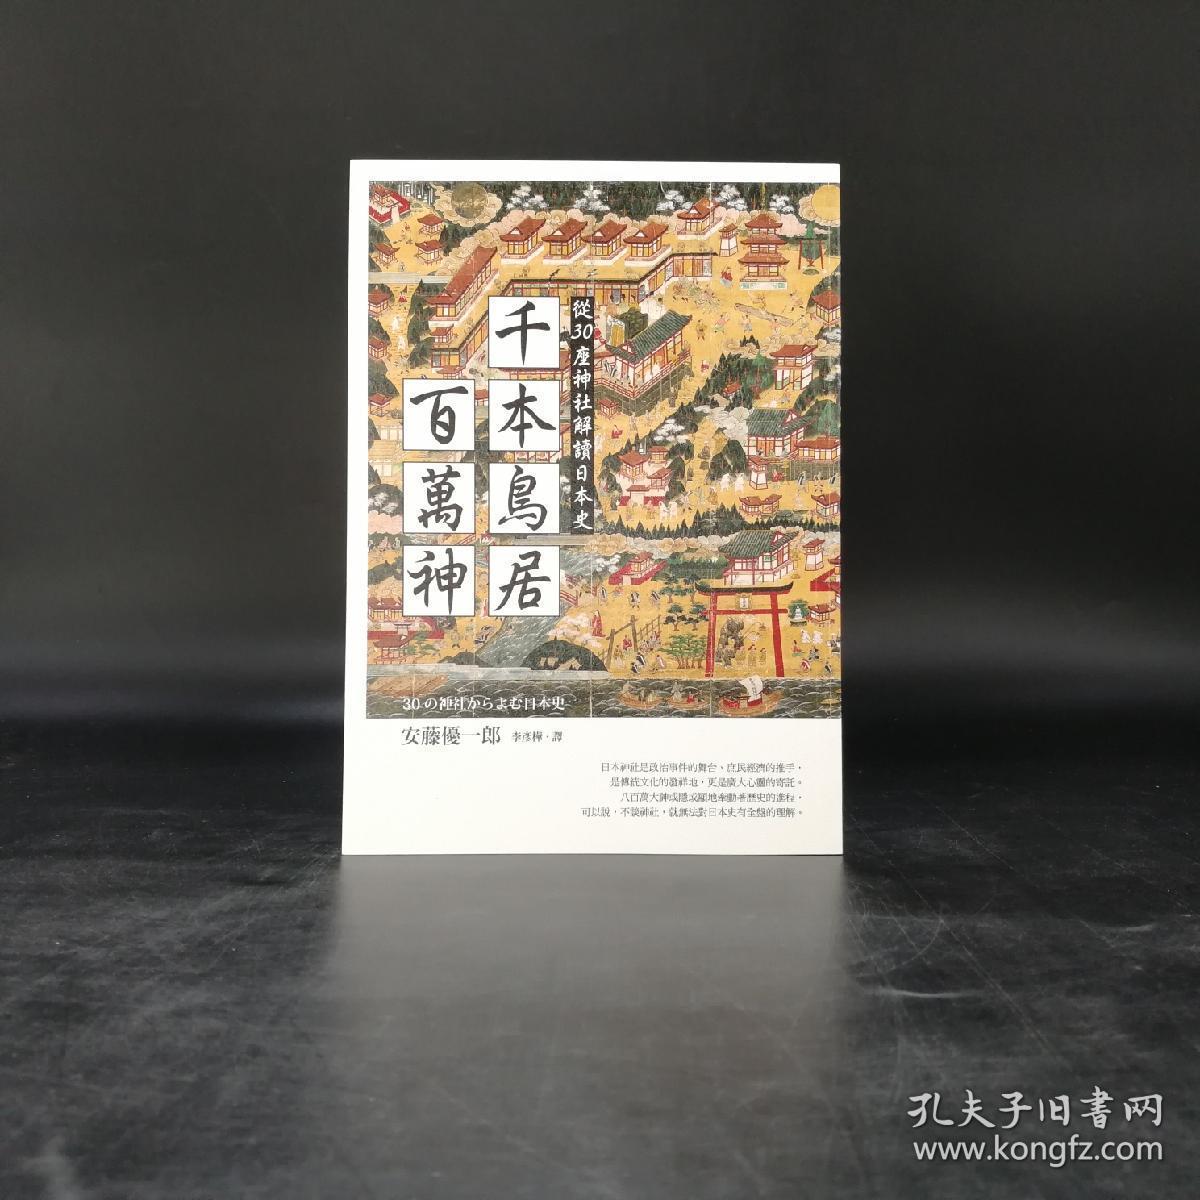 台湾商务版 安藤优一郎《千本鳥居百萬神:從30座神社解讀日本史》